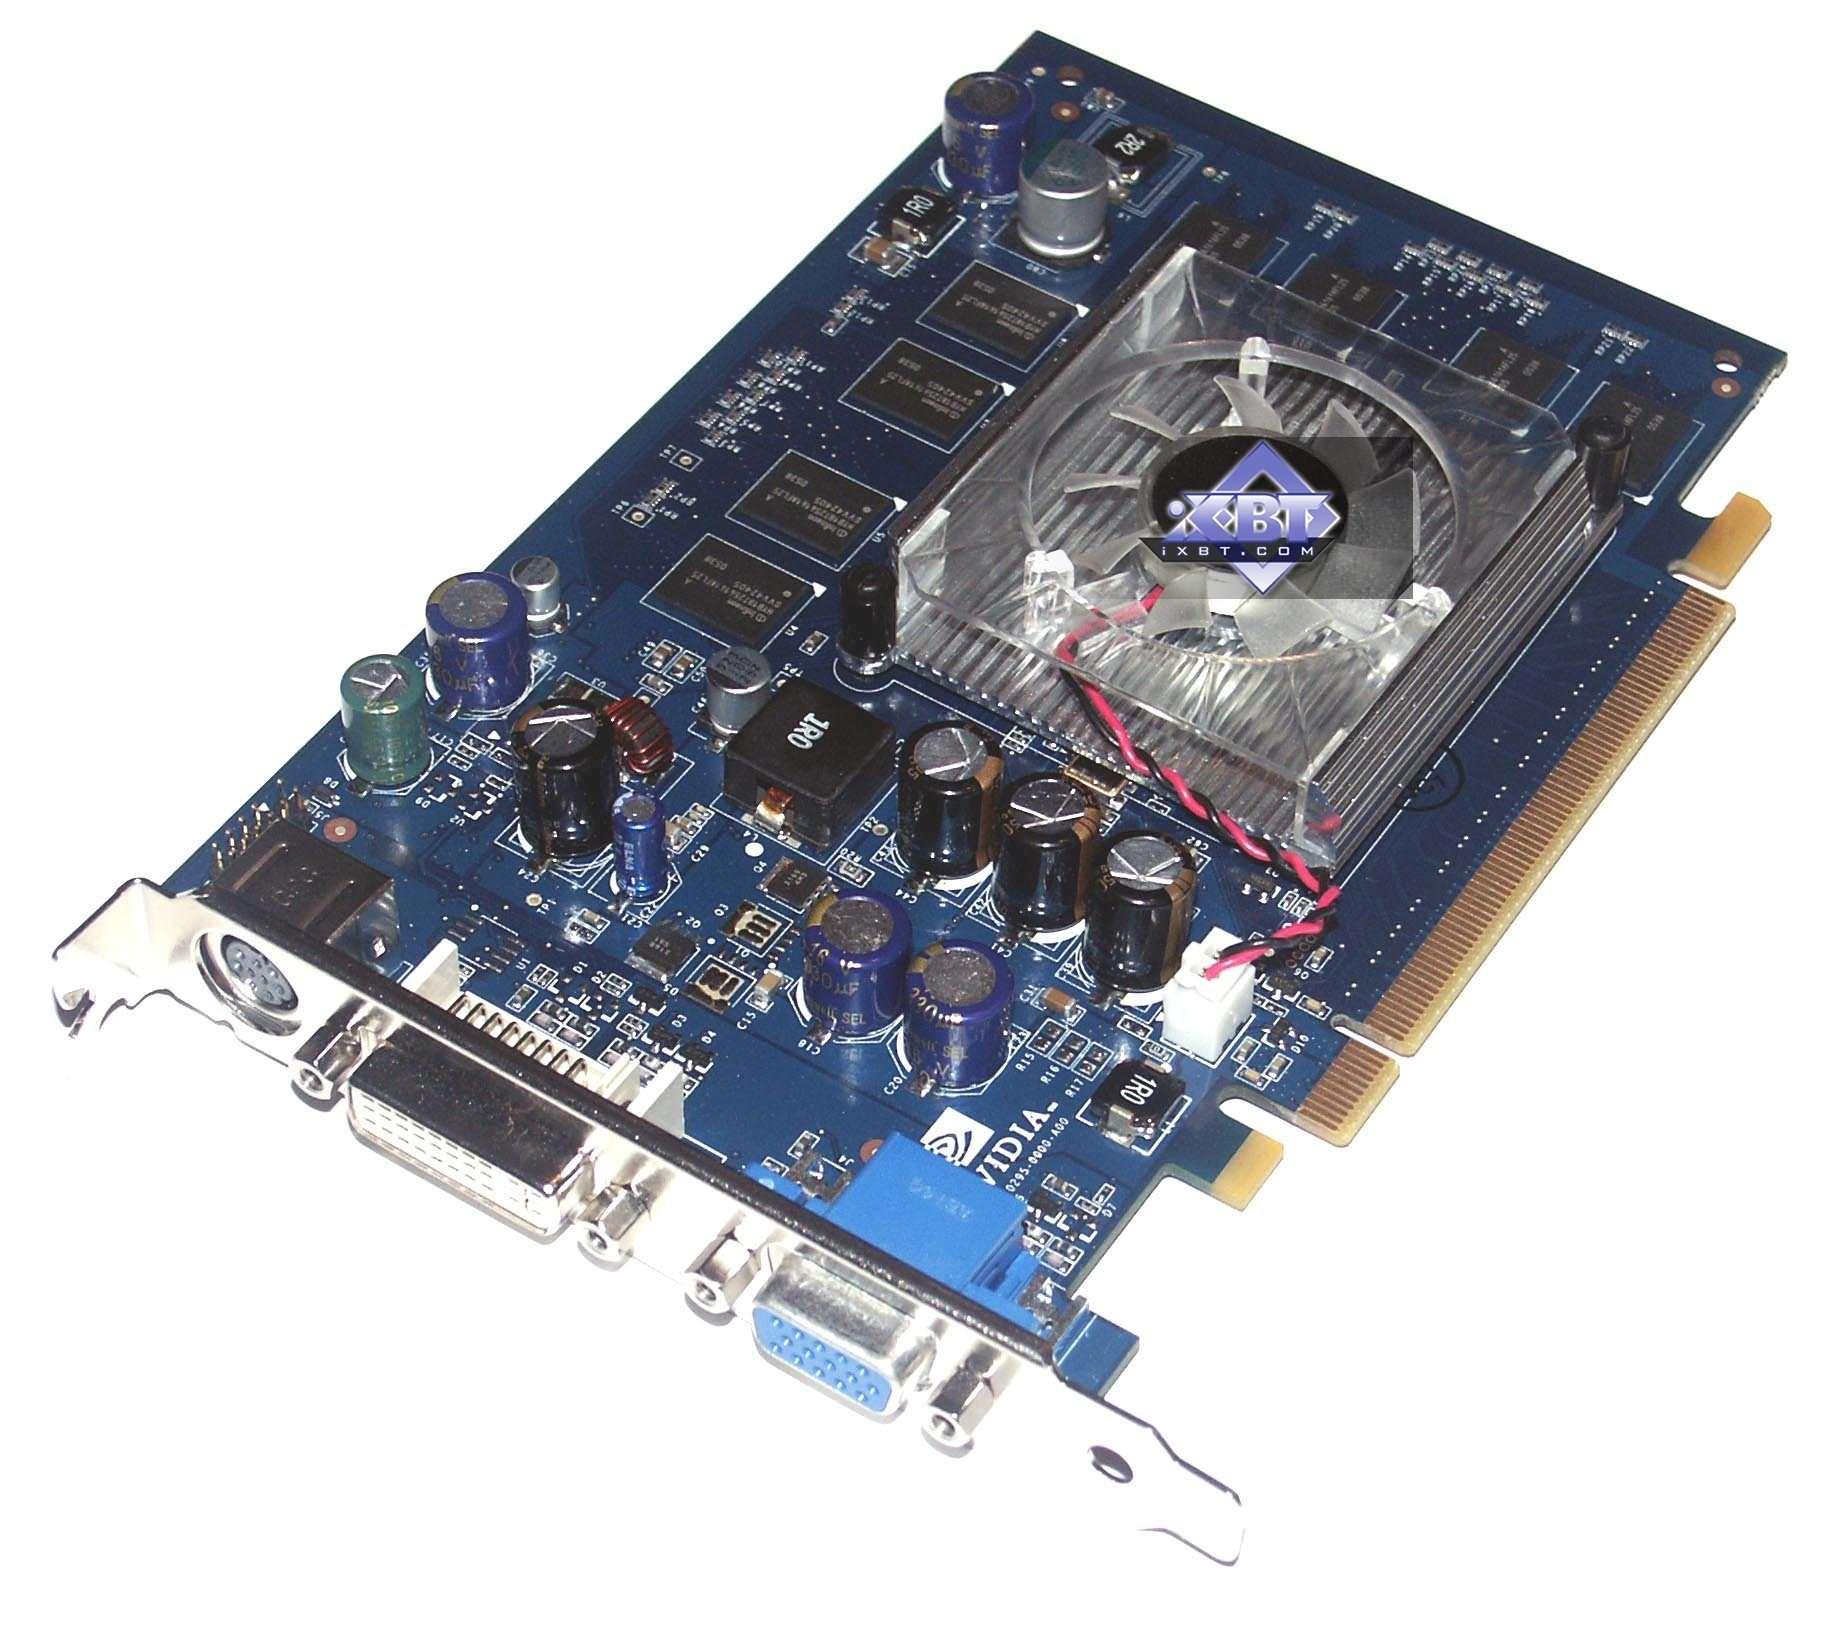 скачать драйверы на видеокарту nvidia geforce 6600